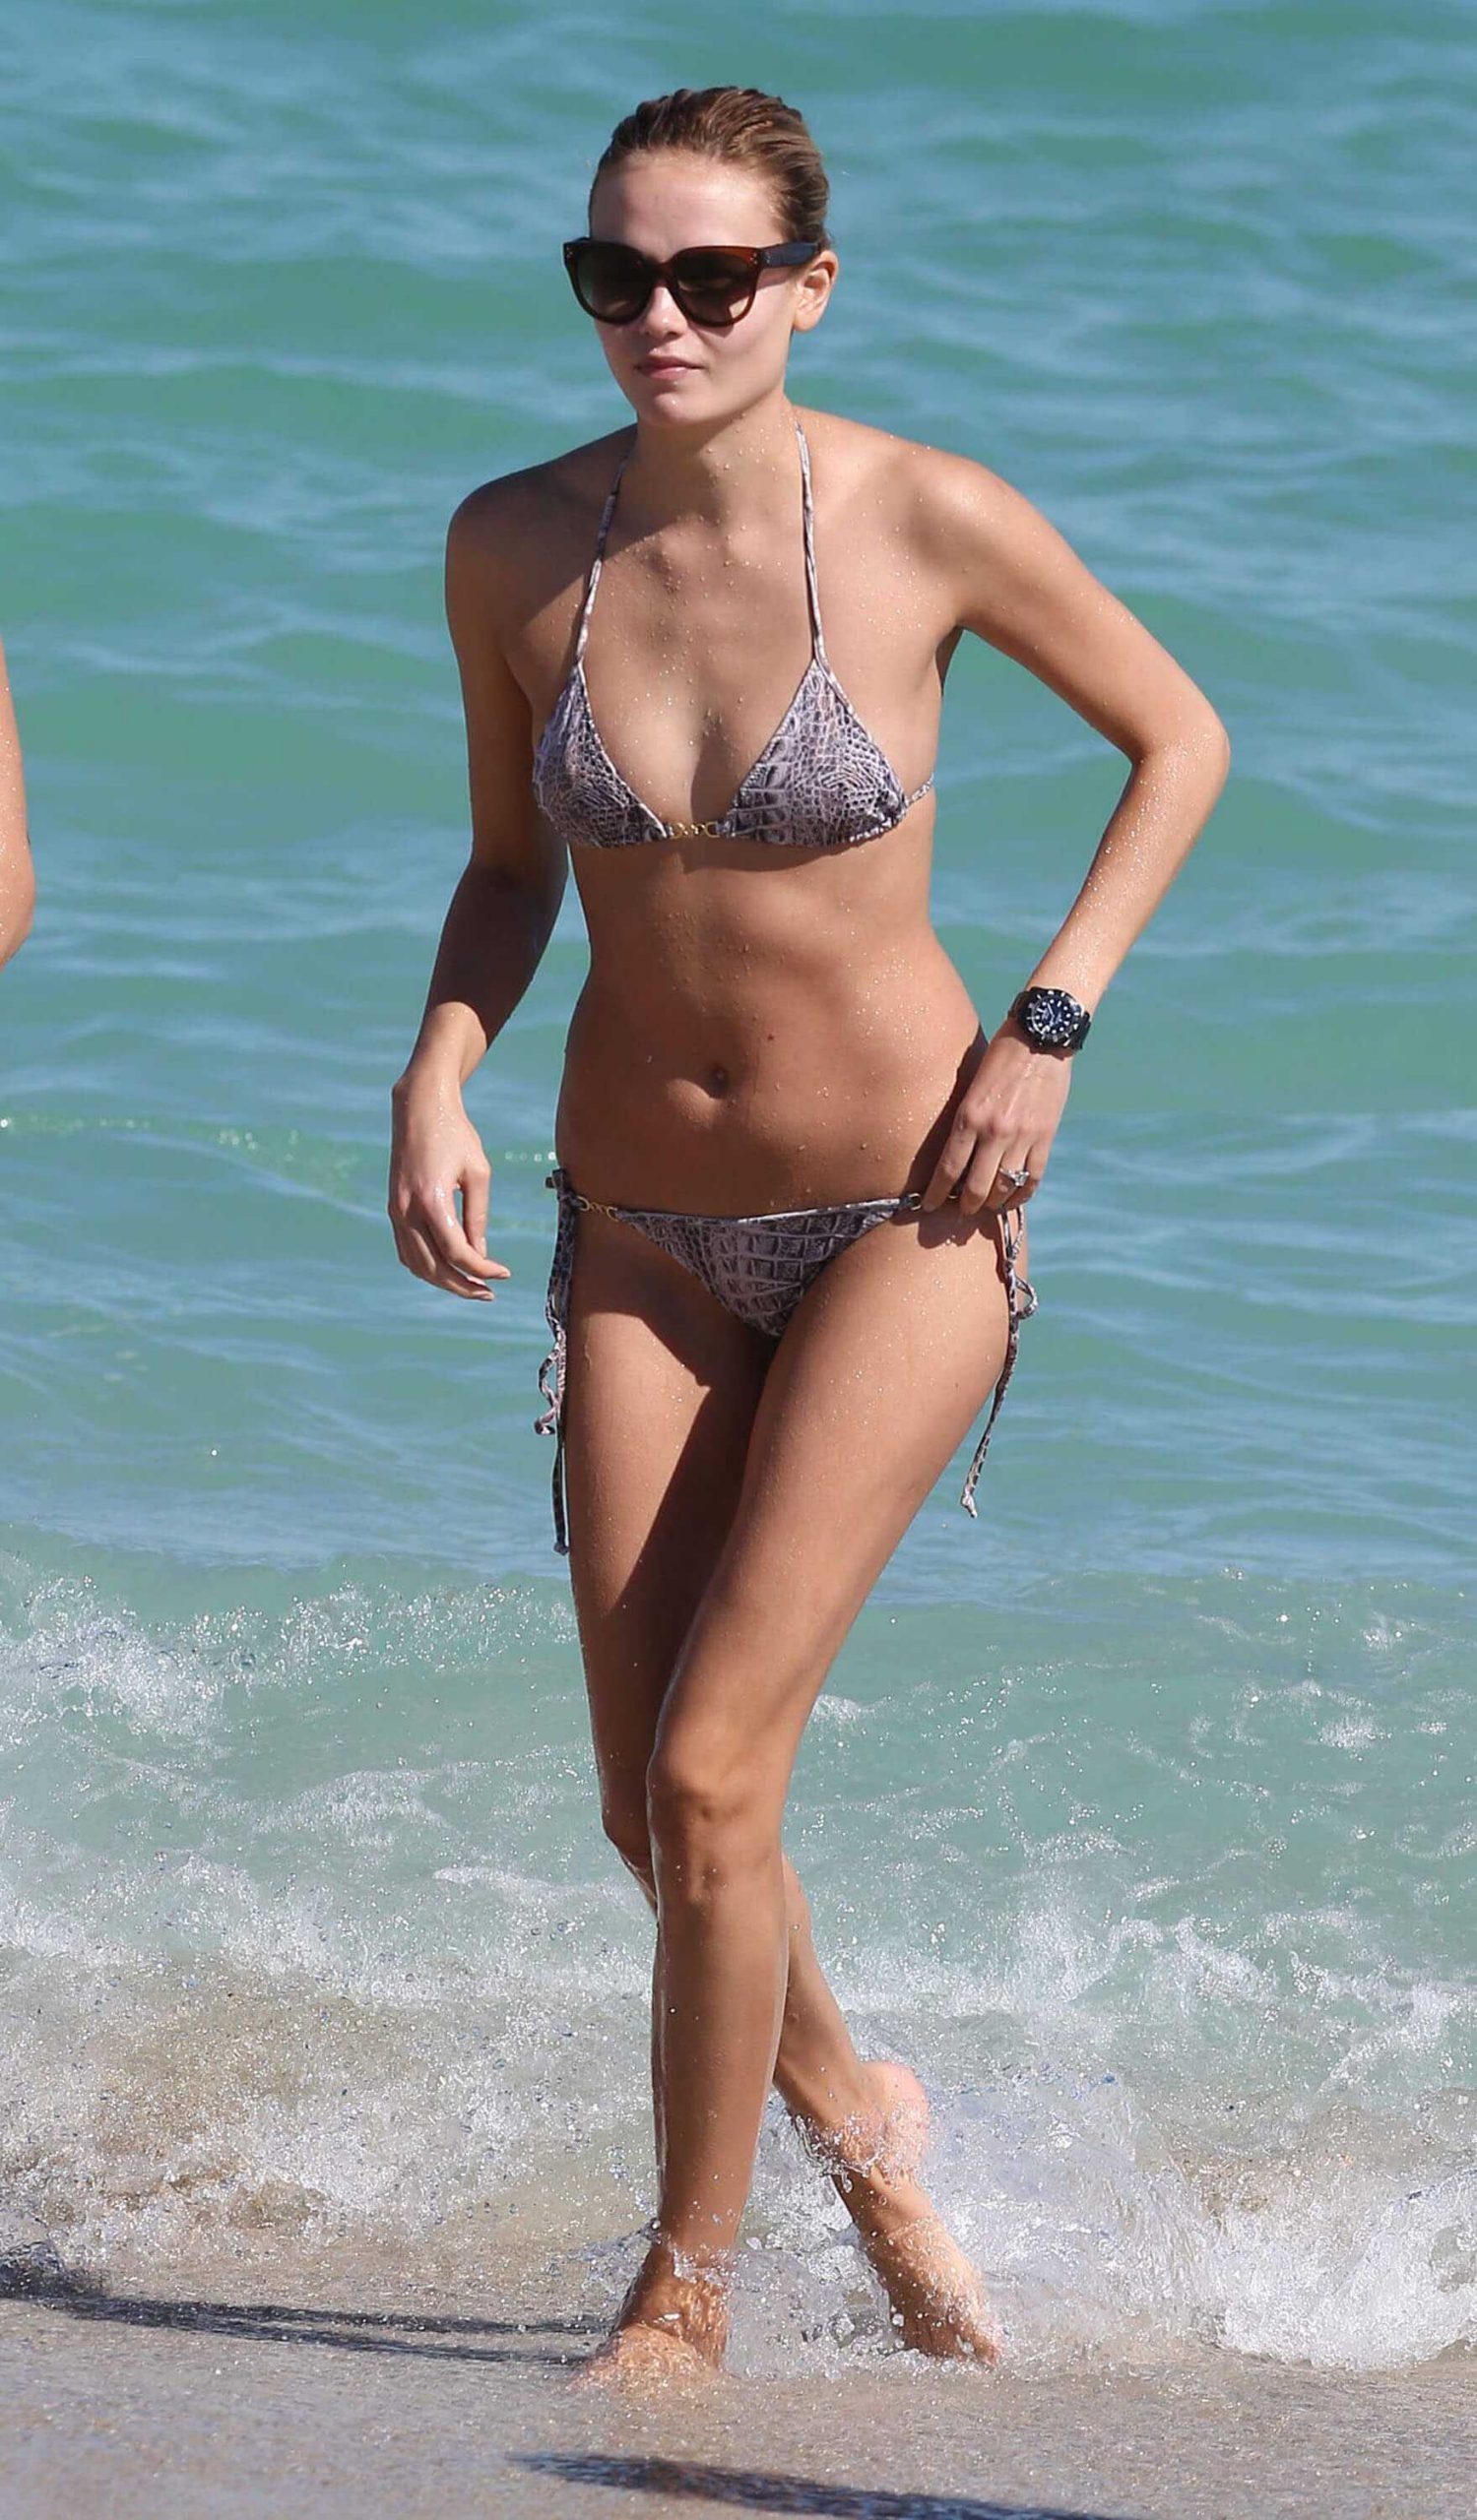 Natasha Poly bikini pic